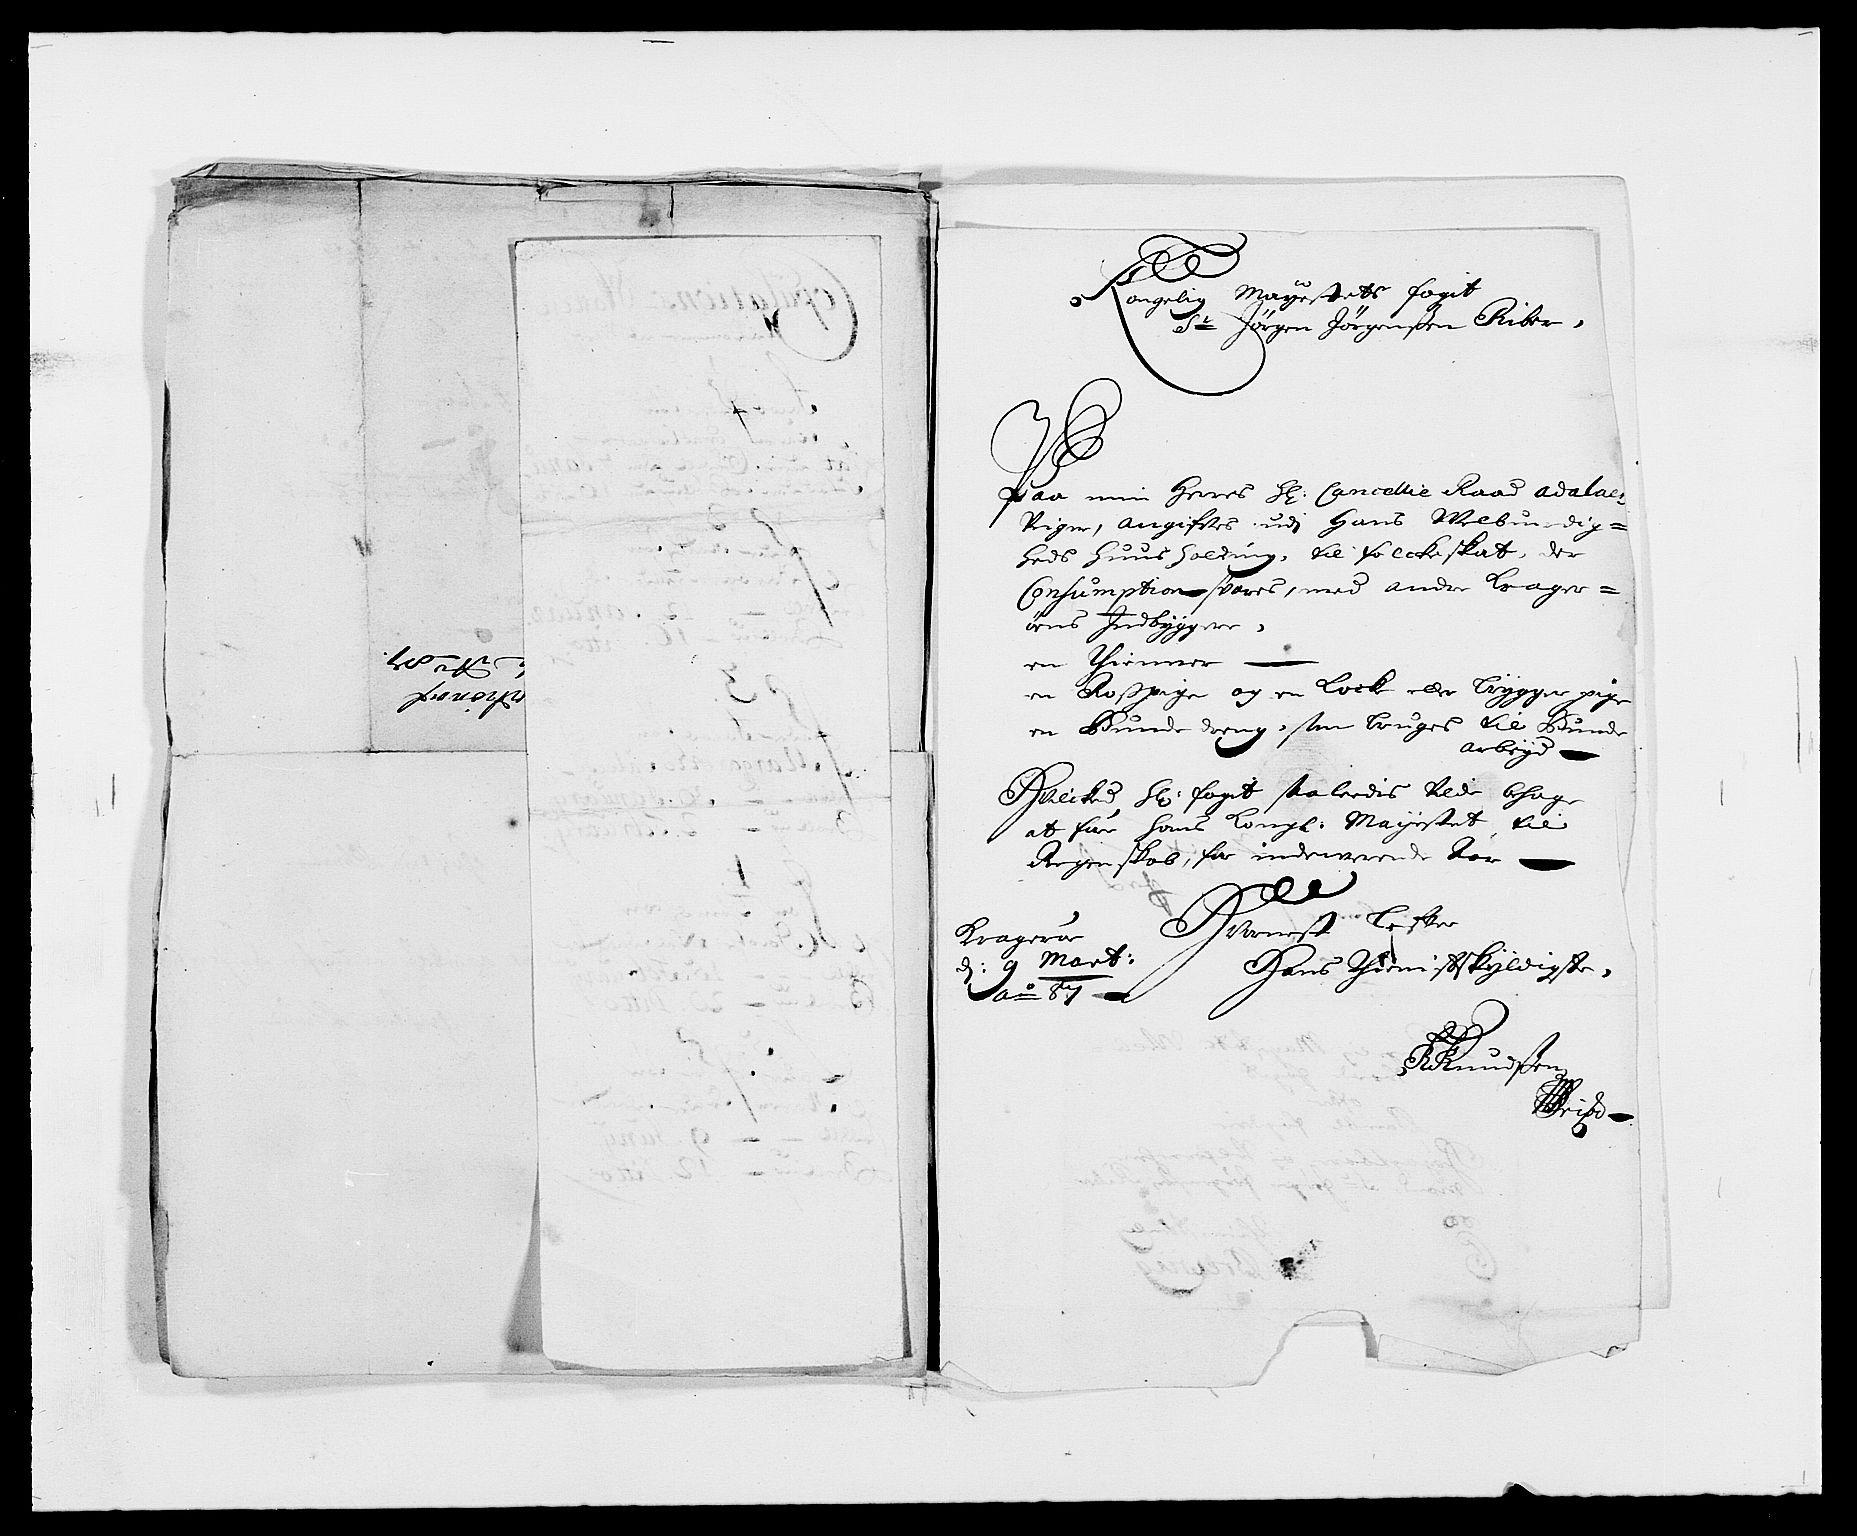 RA, Rentekammeret inntil 1814, Reviderte regnskaper, Fogderegnskap, R34/L2049: Fogderegnskap Bamble, 1685-1687, s. 317